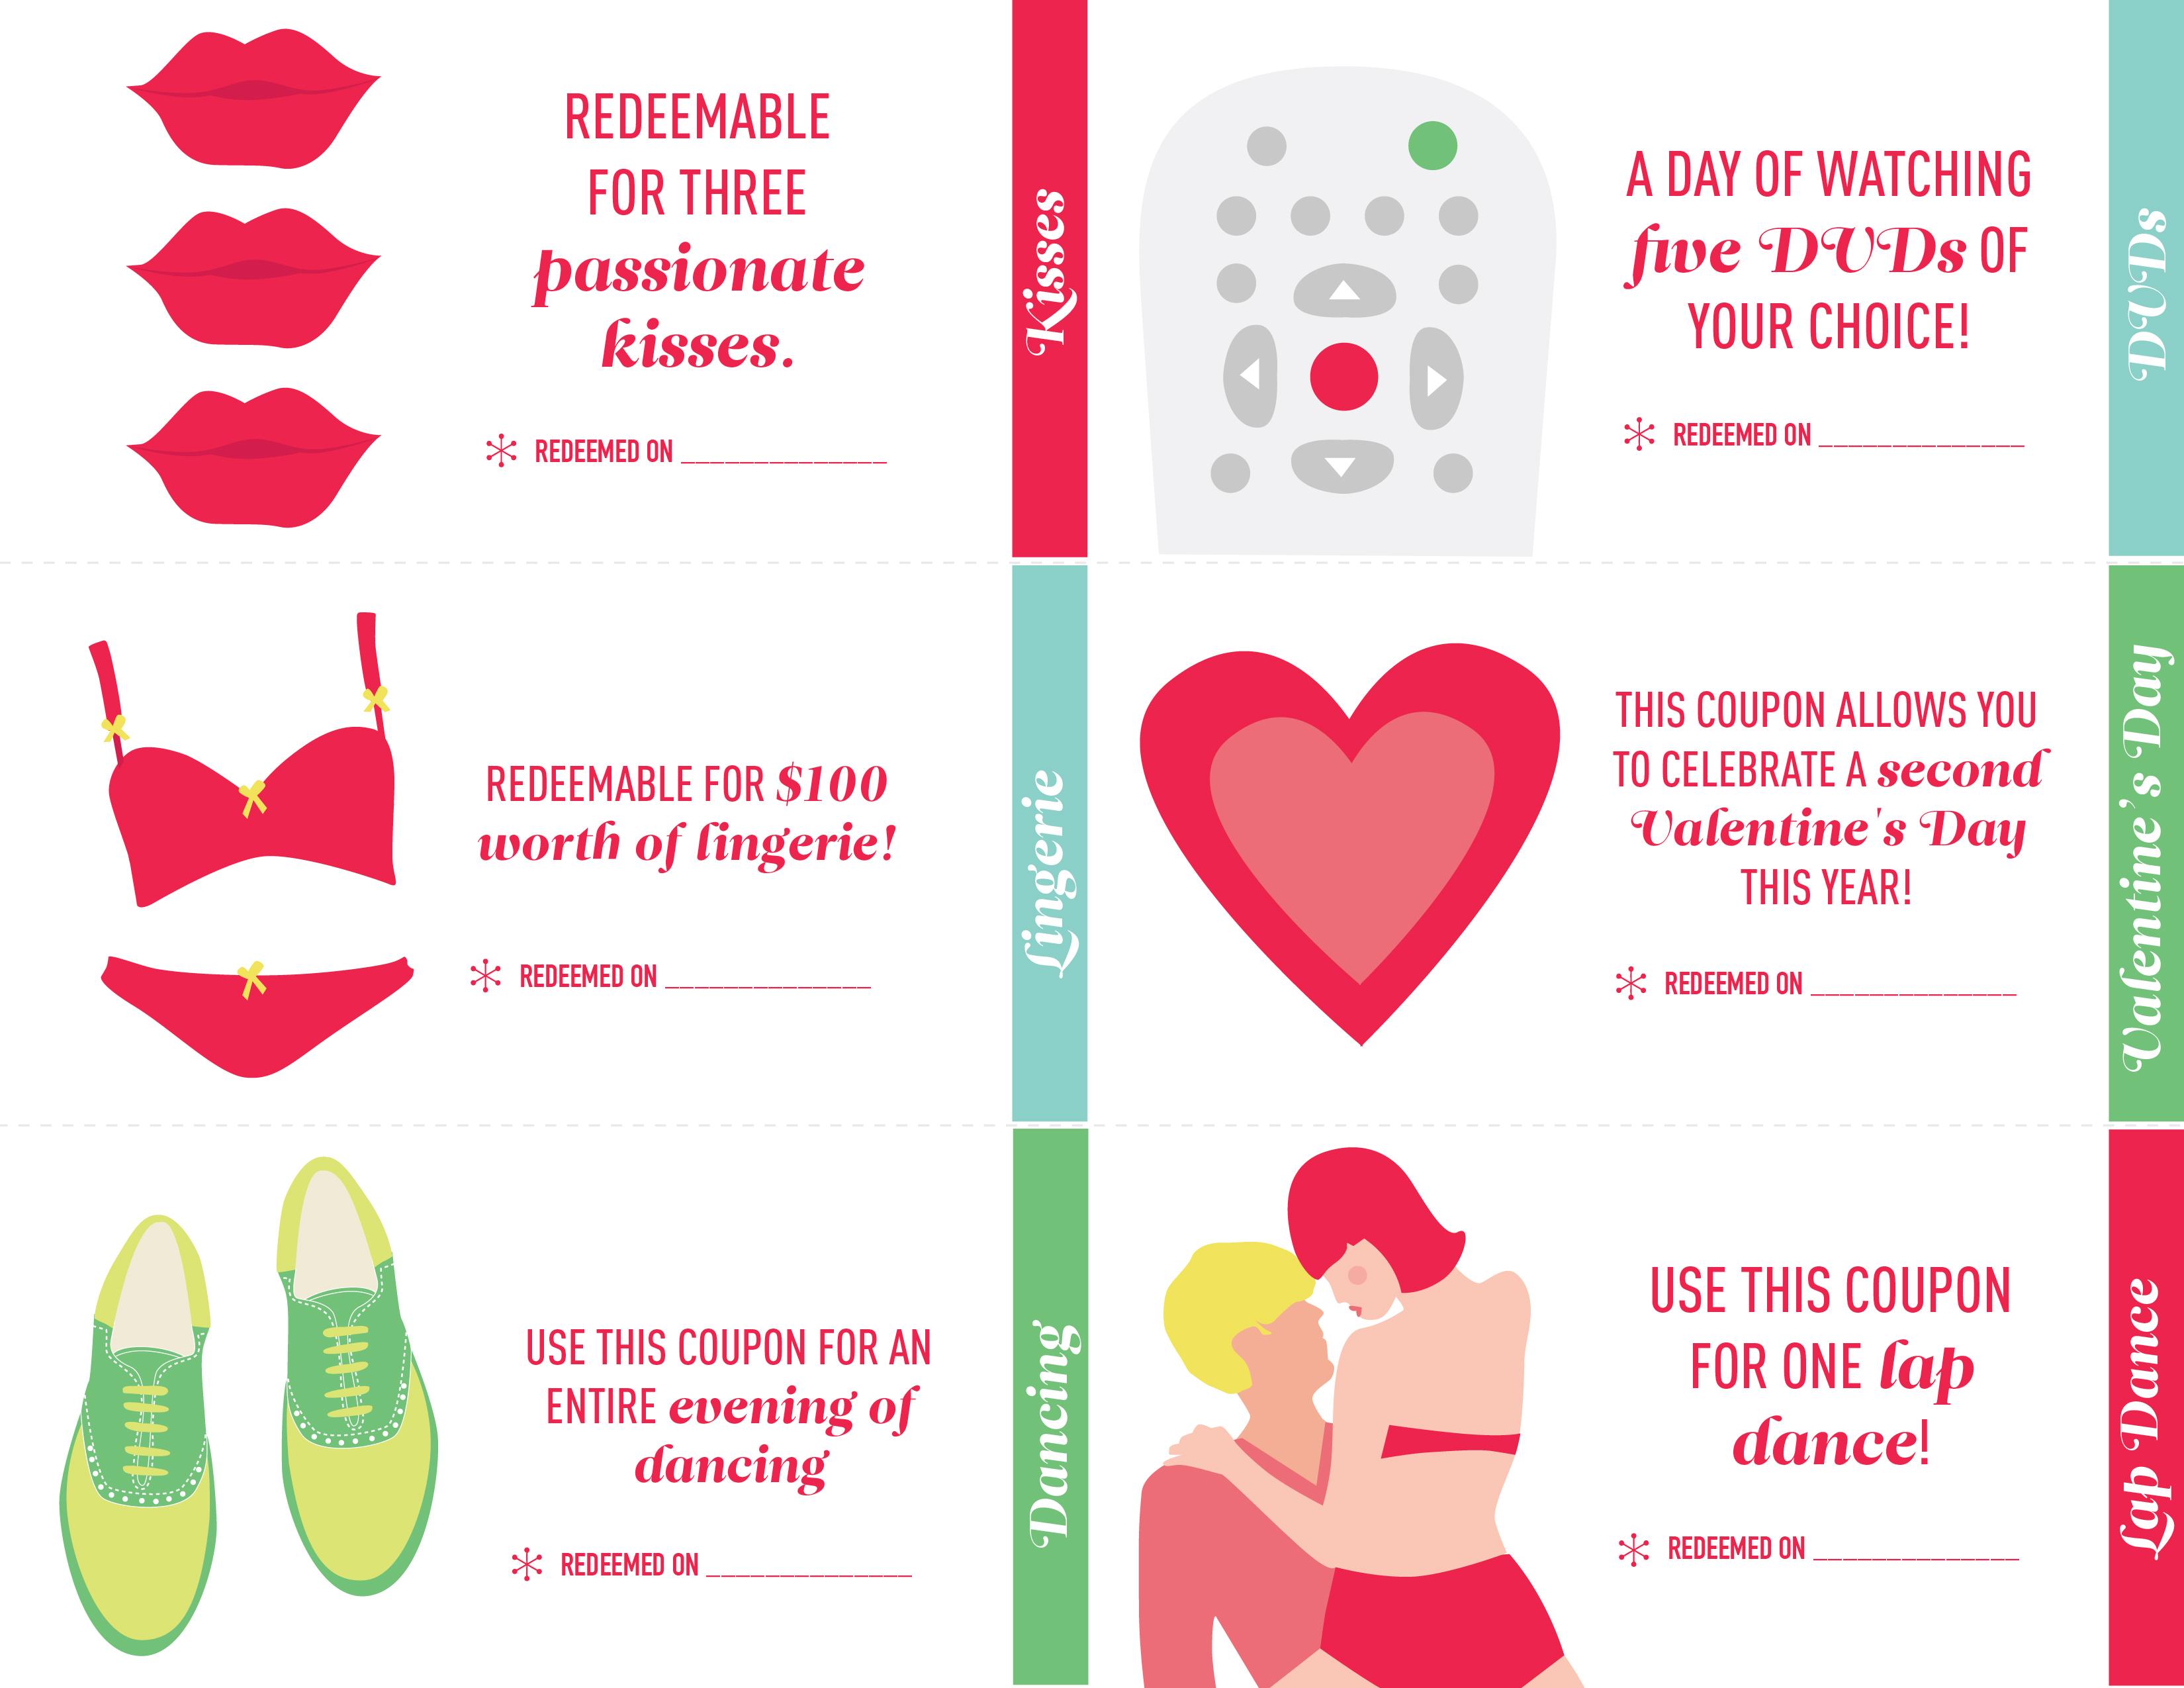 Free Printable Love Coupons For Husband : Ninja Restaurant Nyc Coupons - Free Printable Coupons For Husband